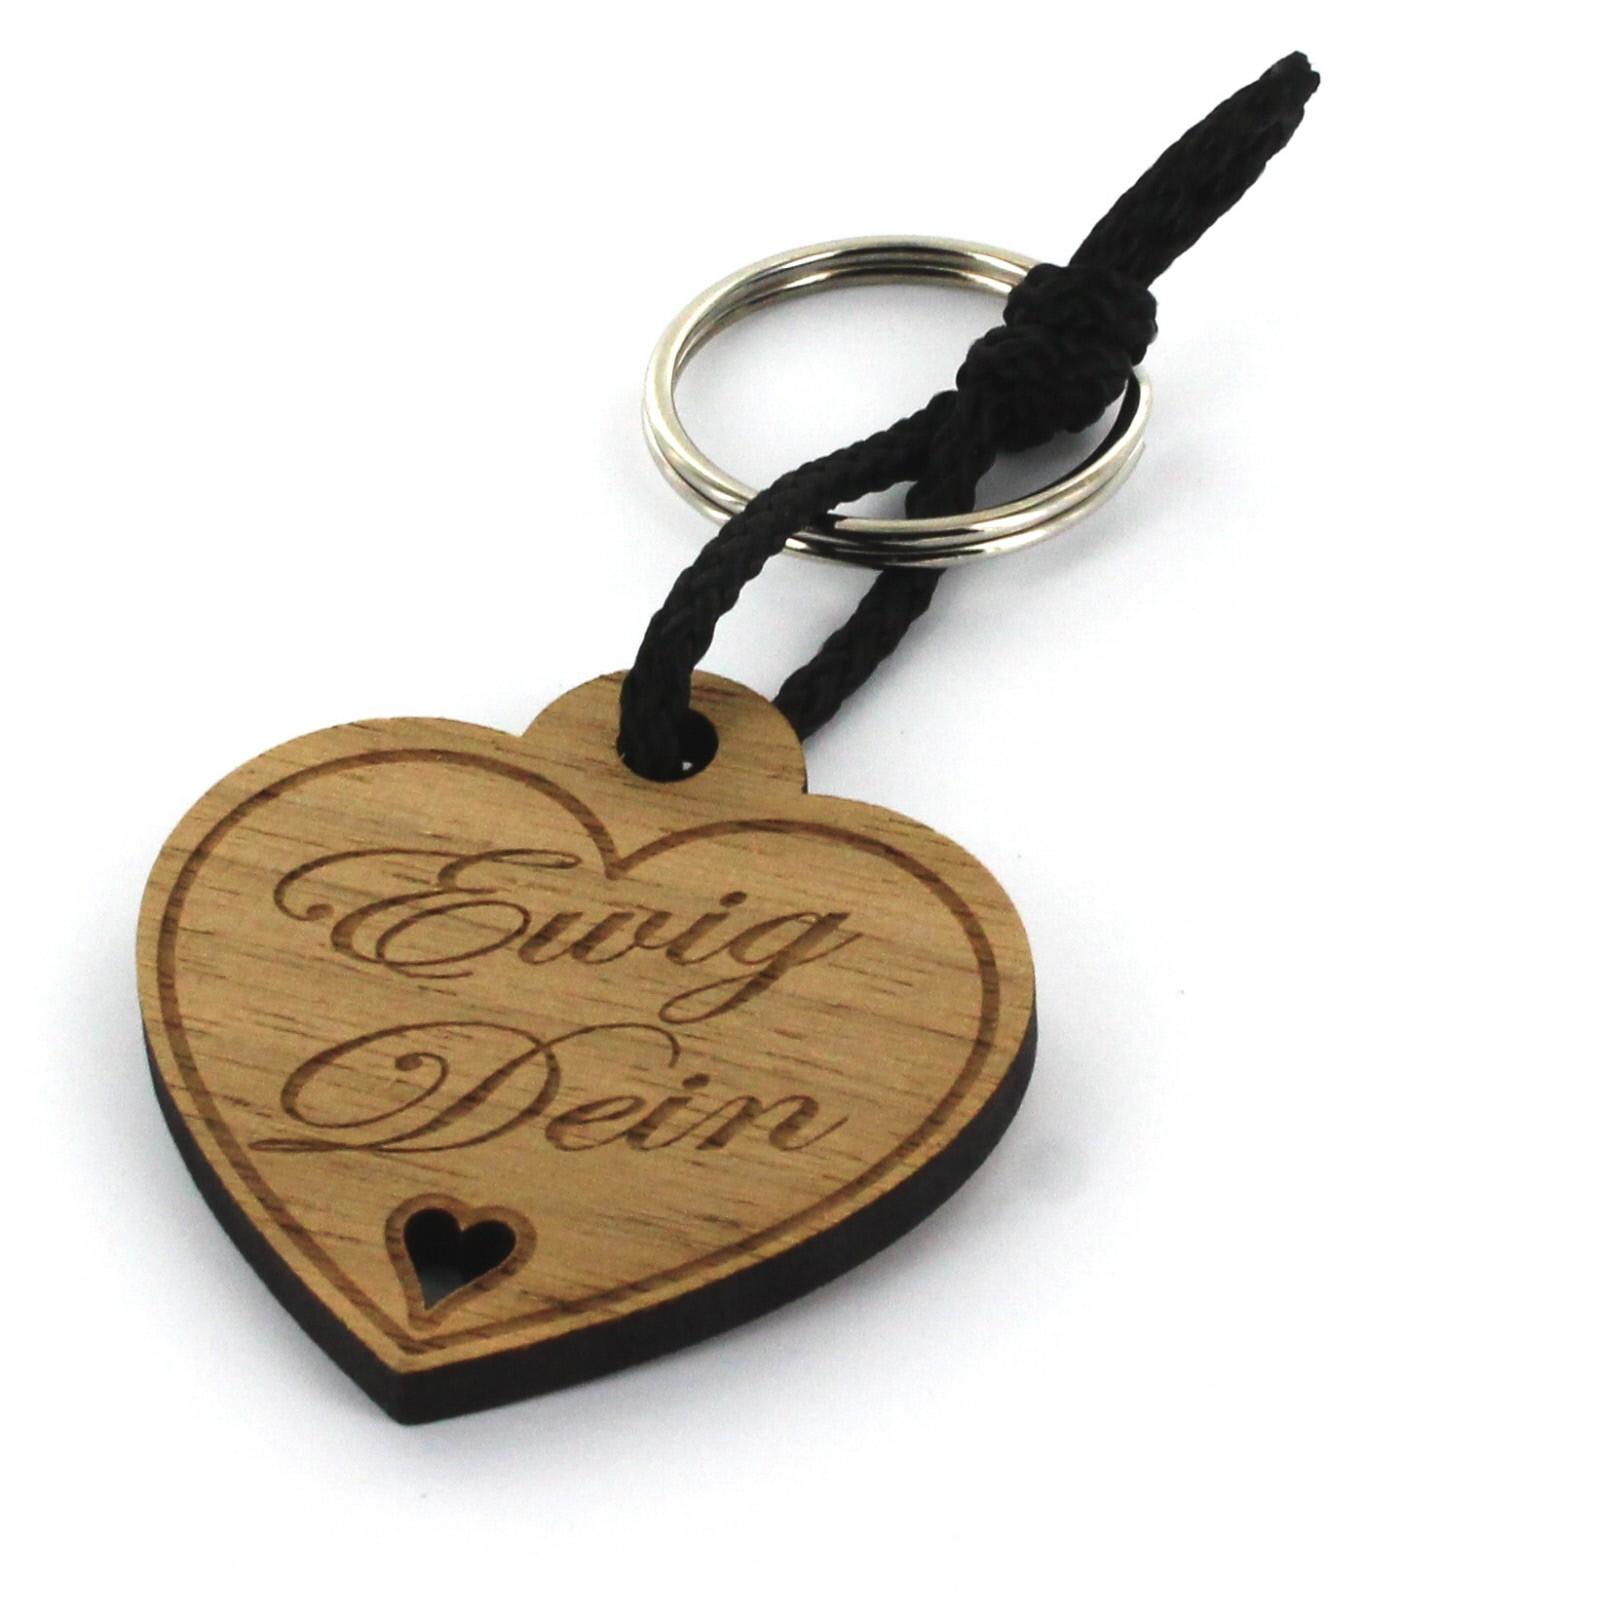 Gravur Schlüsselanhänger aus Holz - Modell: Ewig Dein